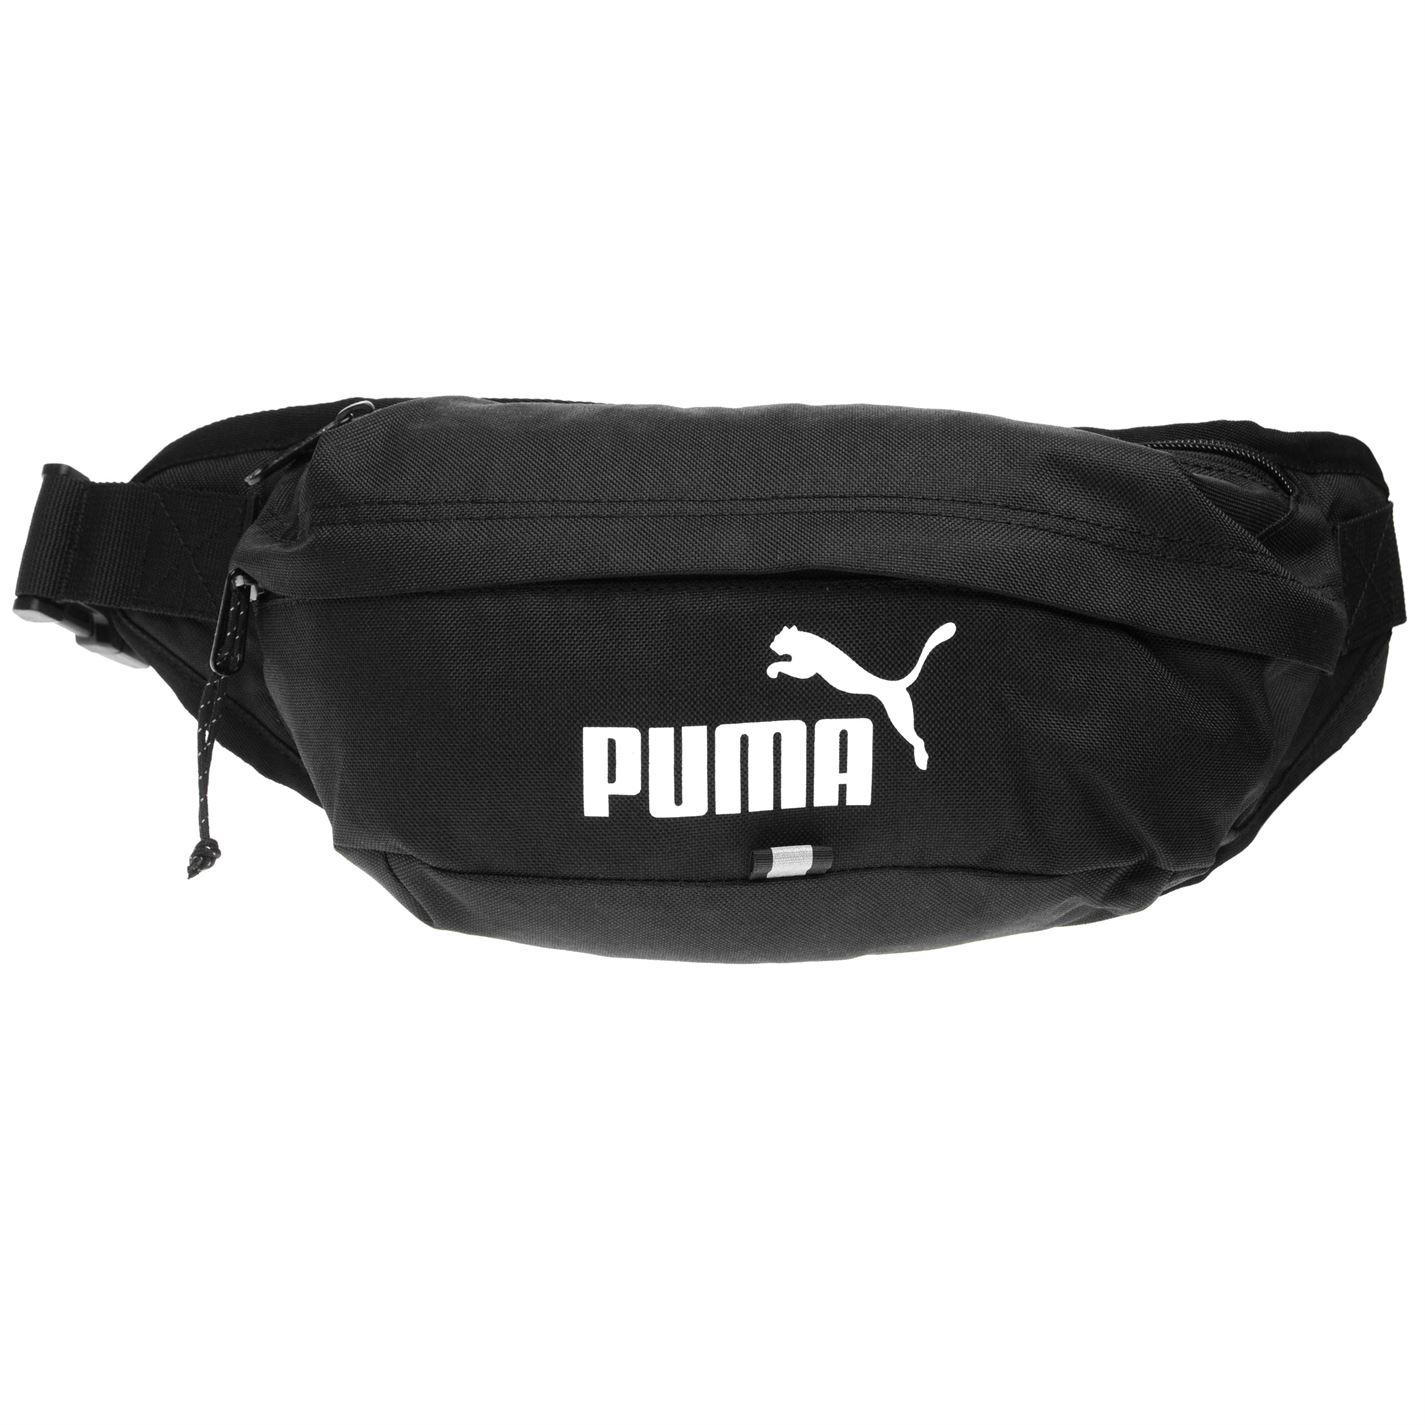 ea718b3fe3 Puma-Unisex-Academy-Bum-Bag-82-Messenger thumbnail 4